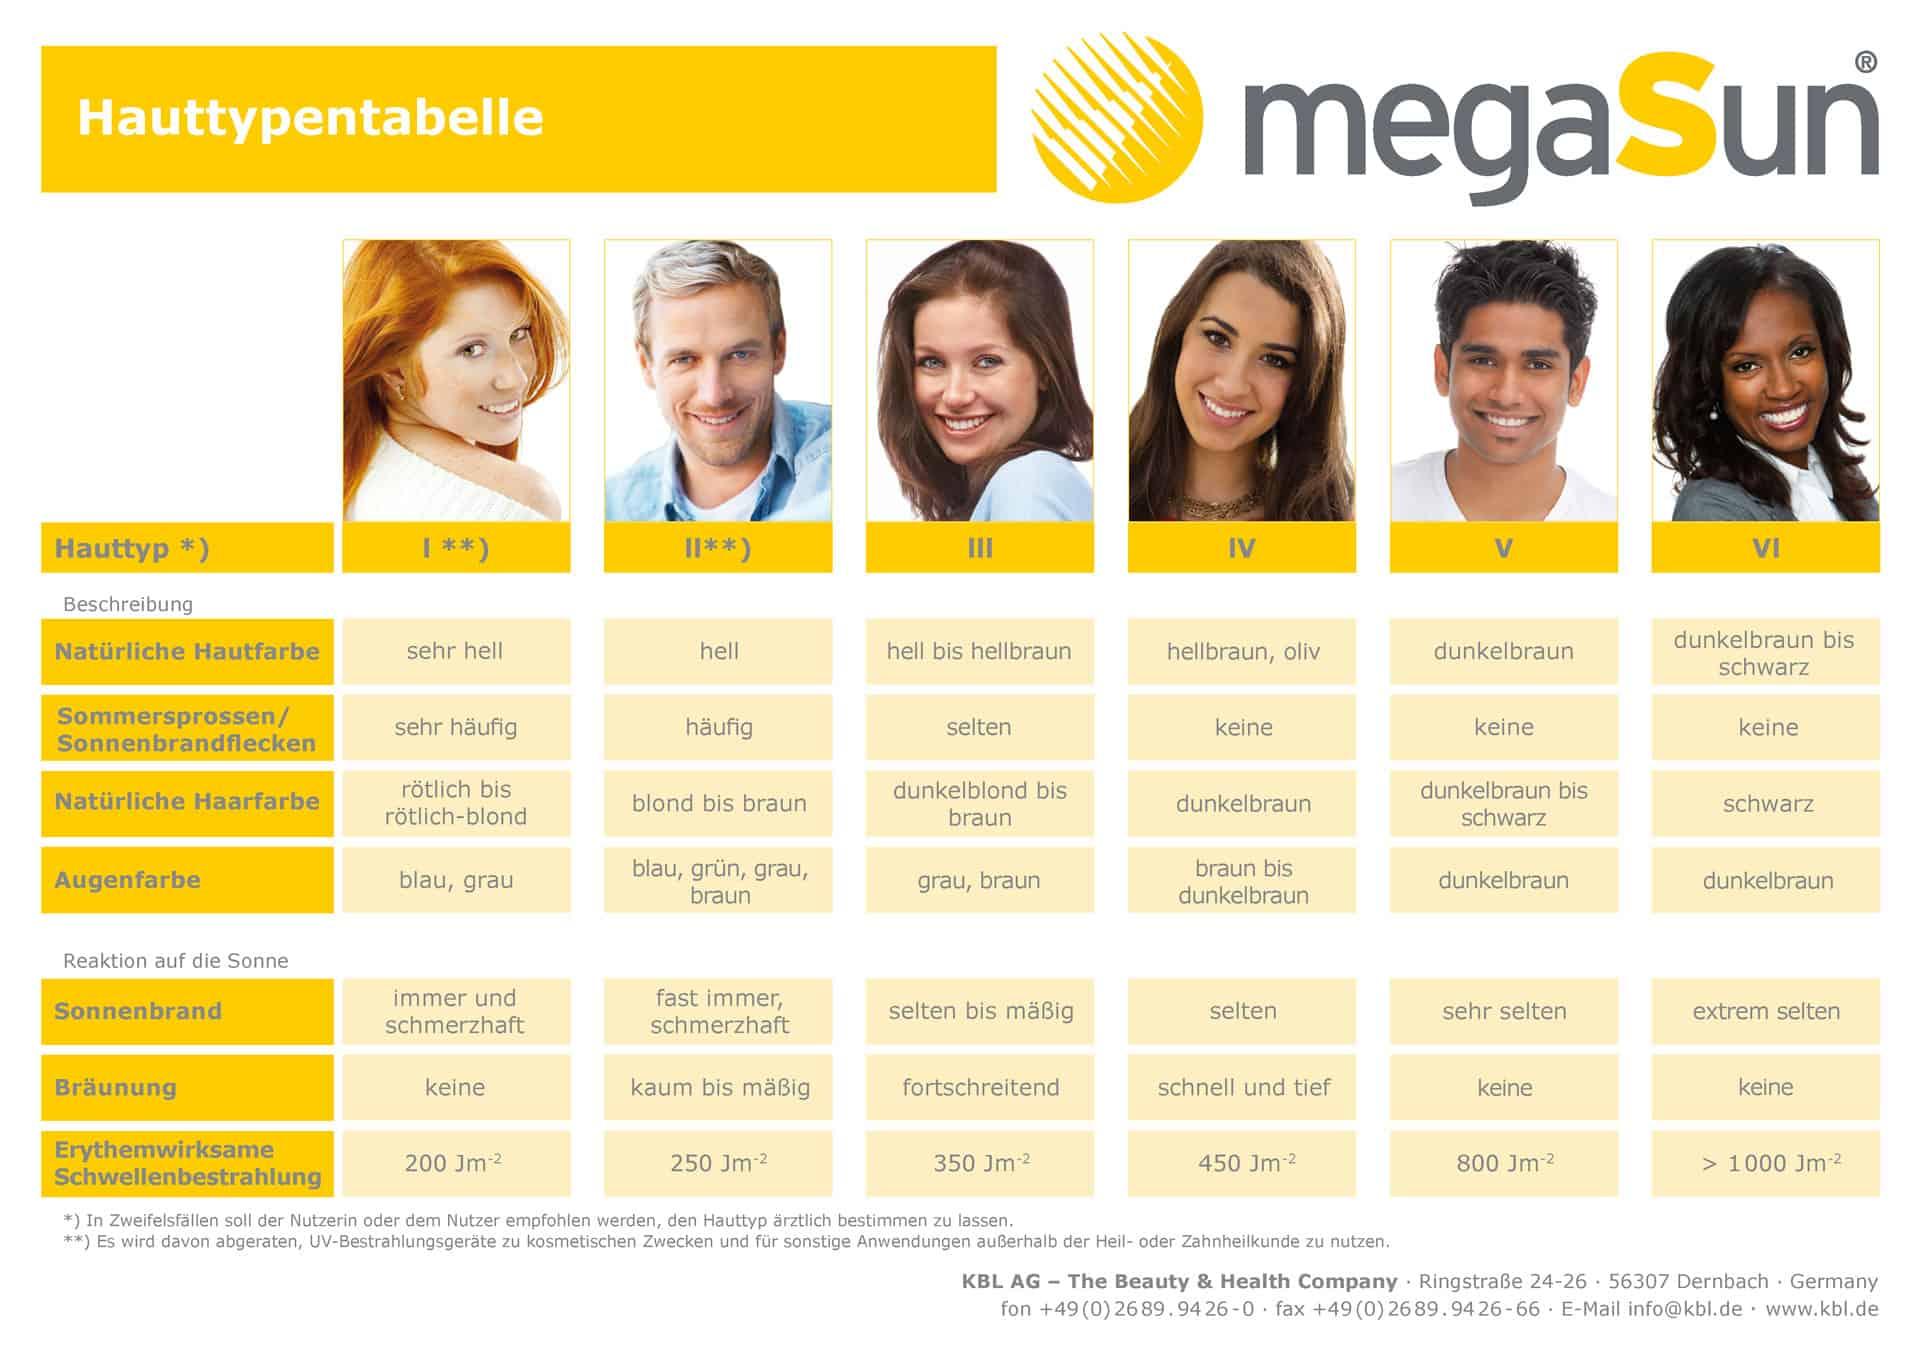 Hauttypentabelle MegaSun